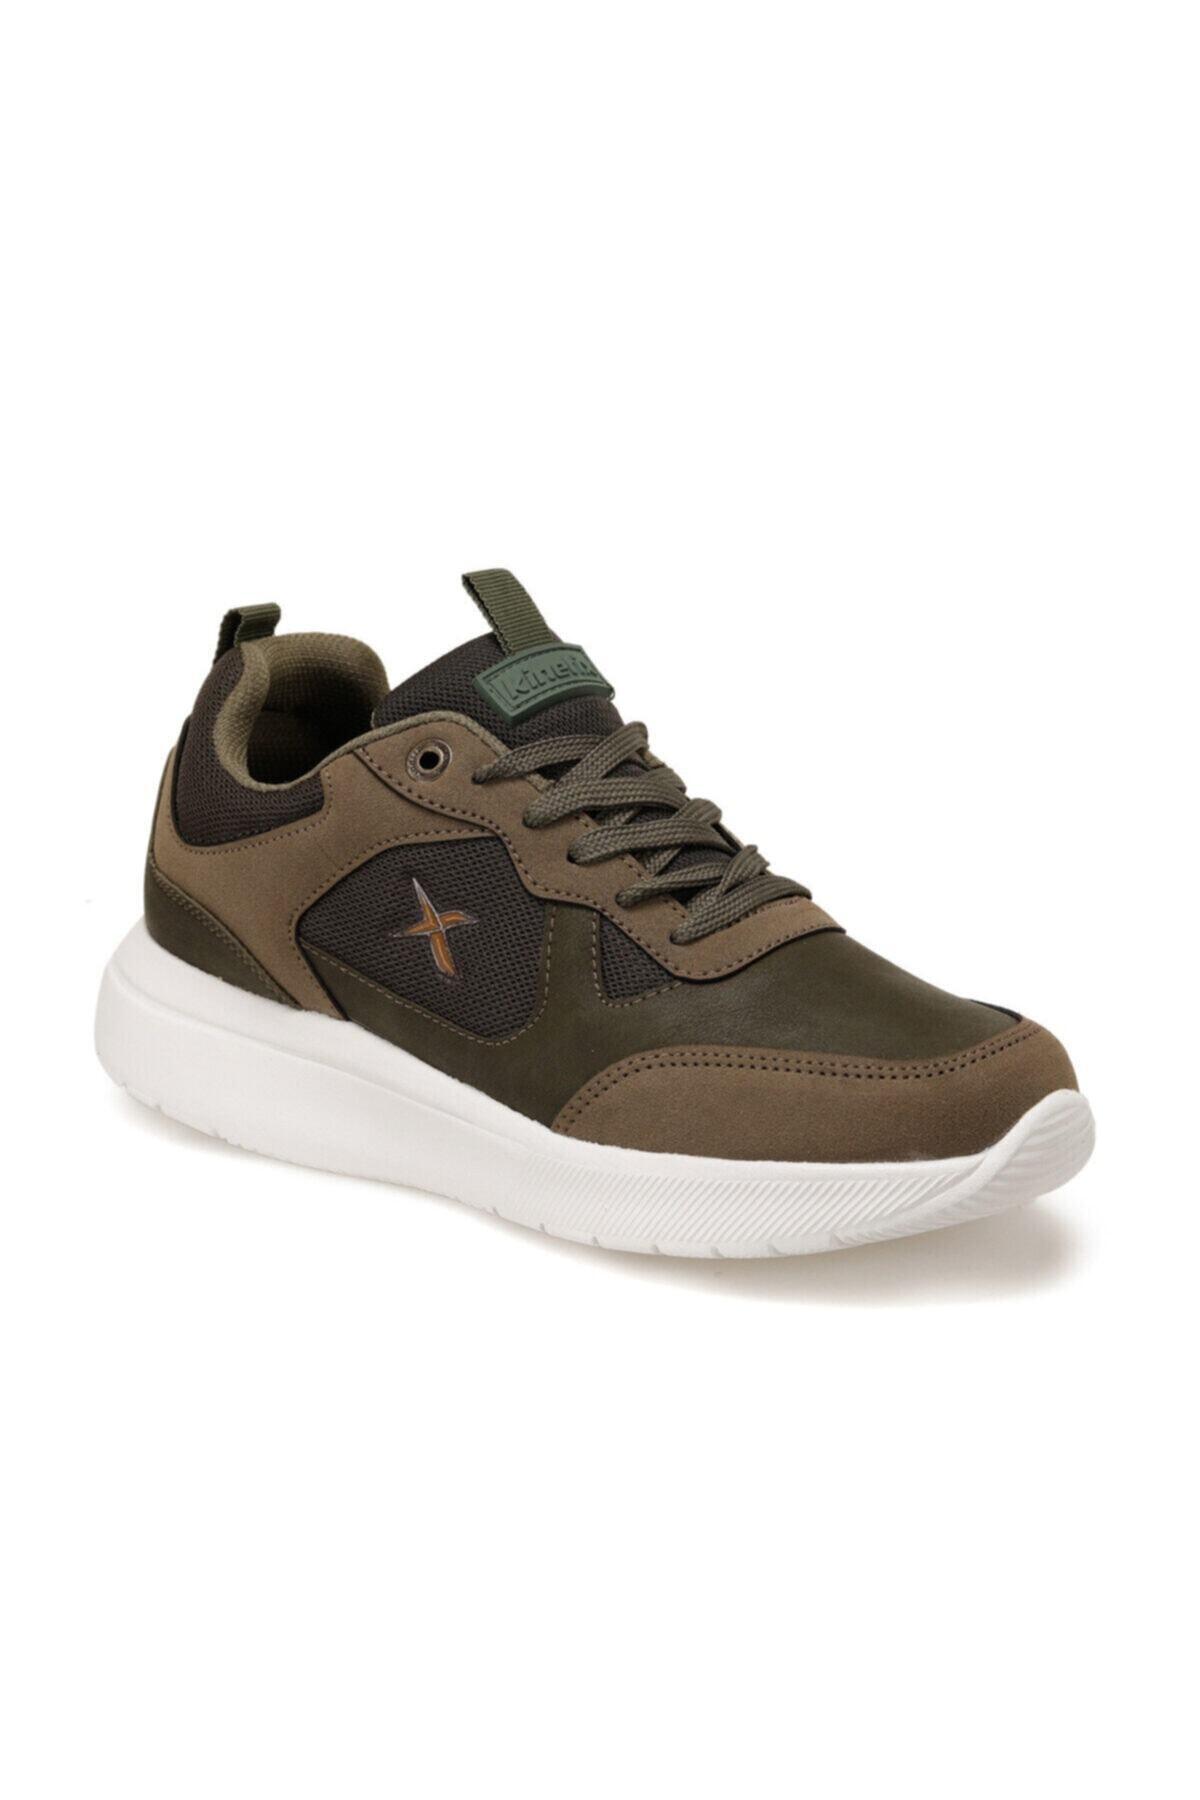 Kinetix MUNDU Haki Erkek Kalın Taban Sneaker Spor Ayakkabı 100552229 1